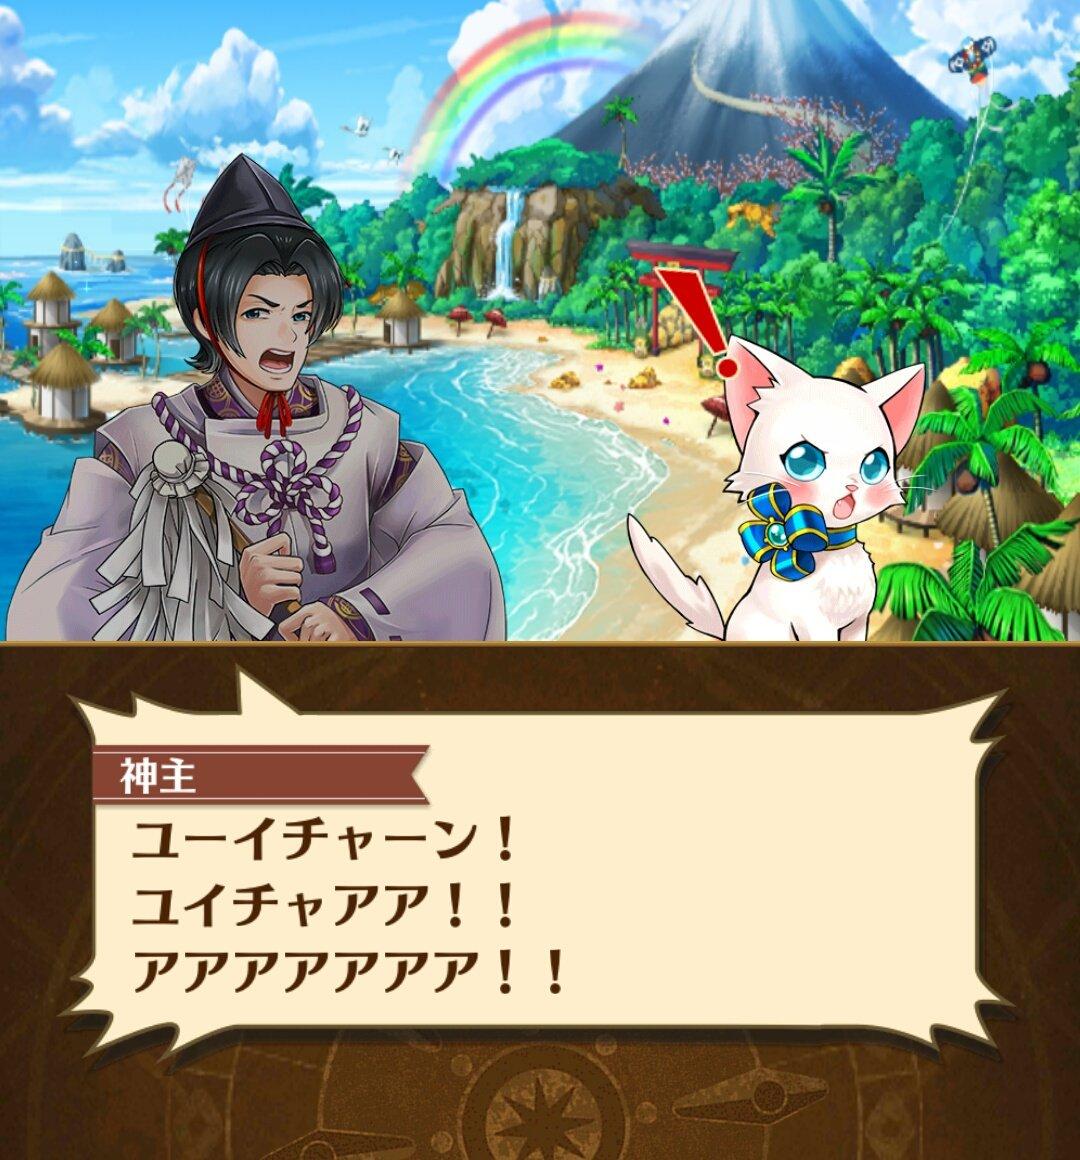 白猫プロジェクトに小倉唯のオタク出現して笑ってるwww https://t.co/TCD0gOkfYk